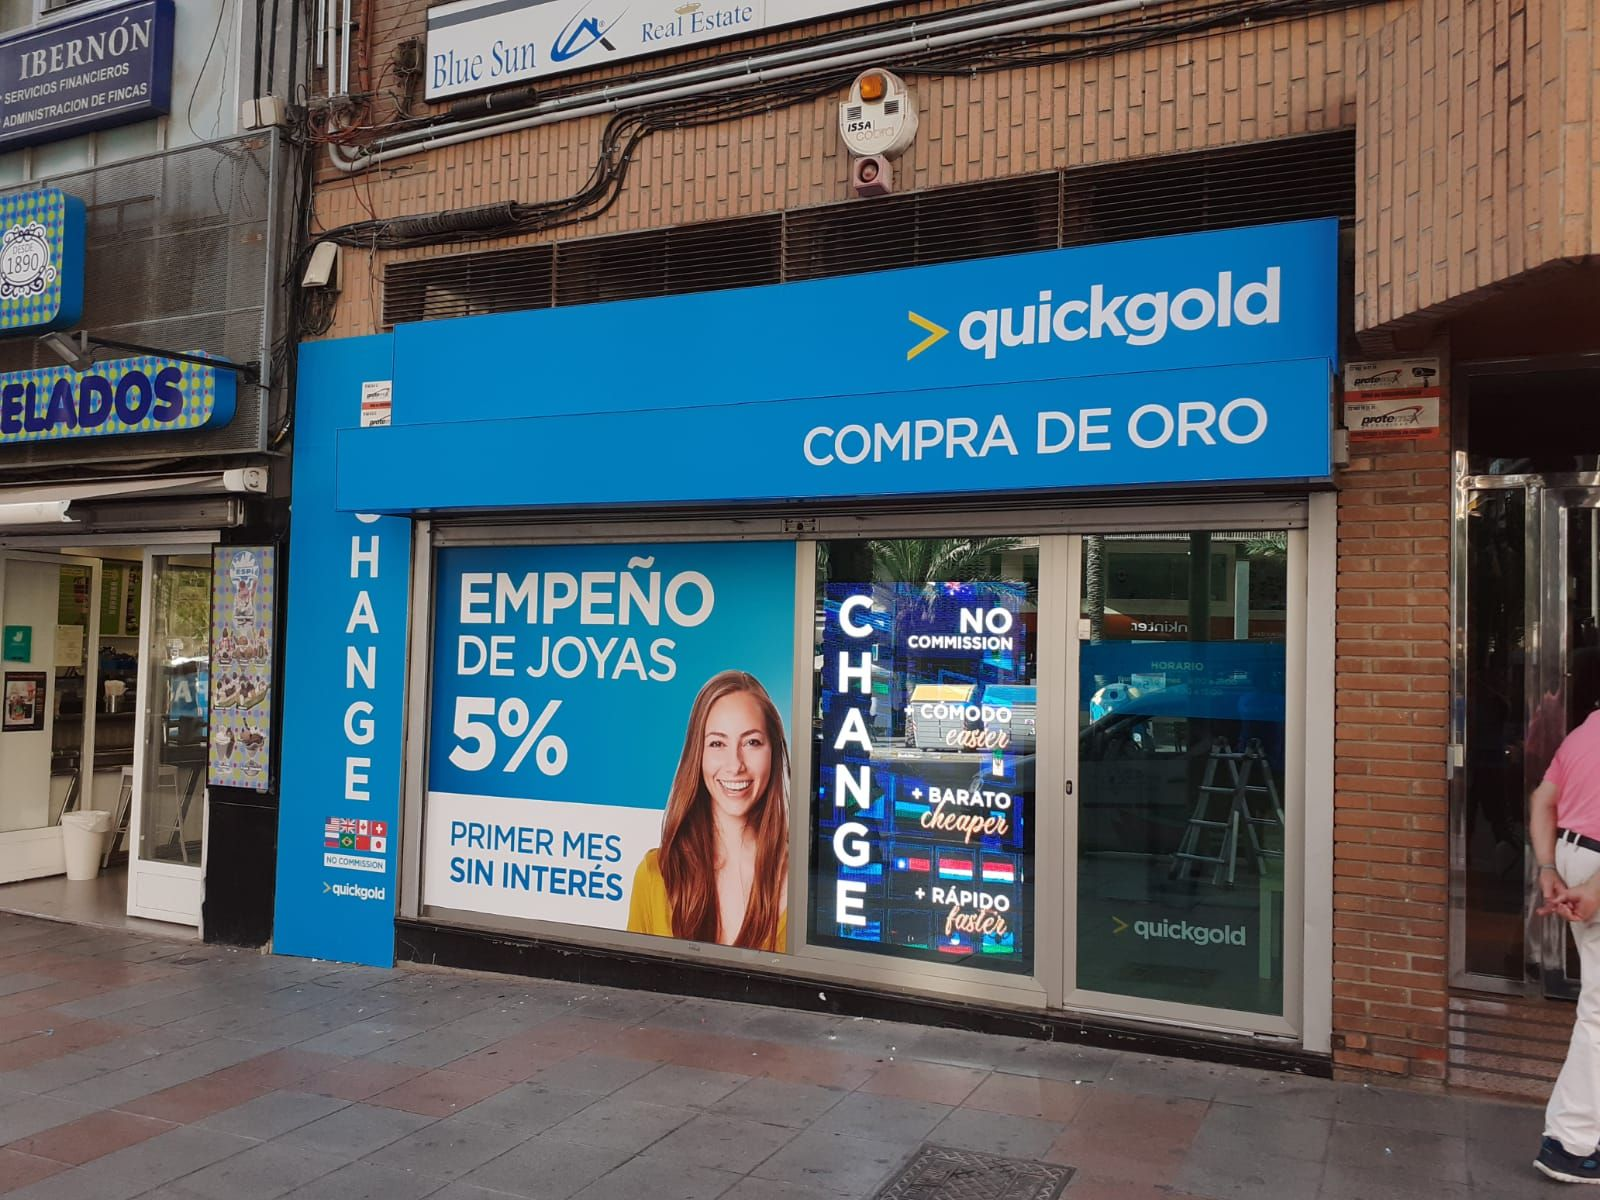 Quickgold Alfonso X | Compro oro, empeños y cambio de divisa